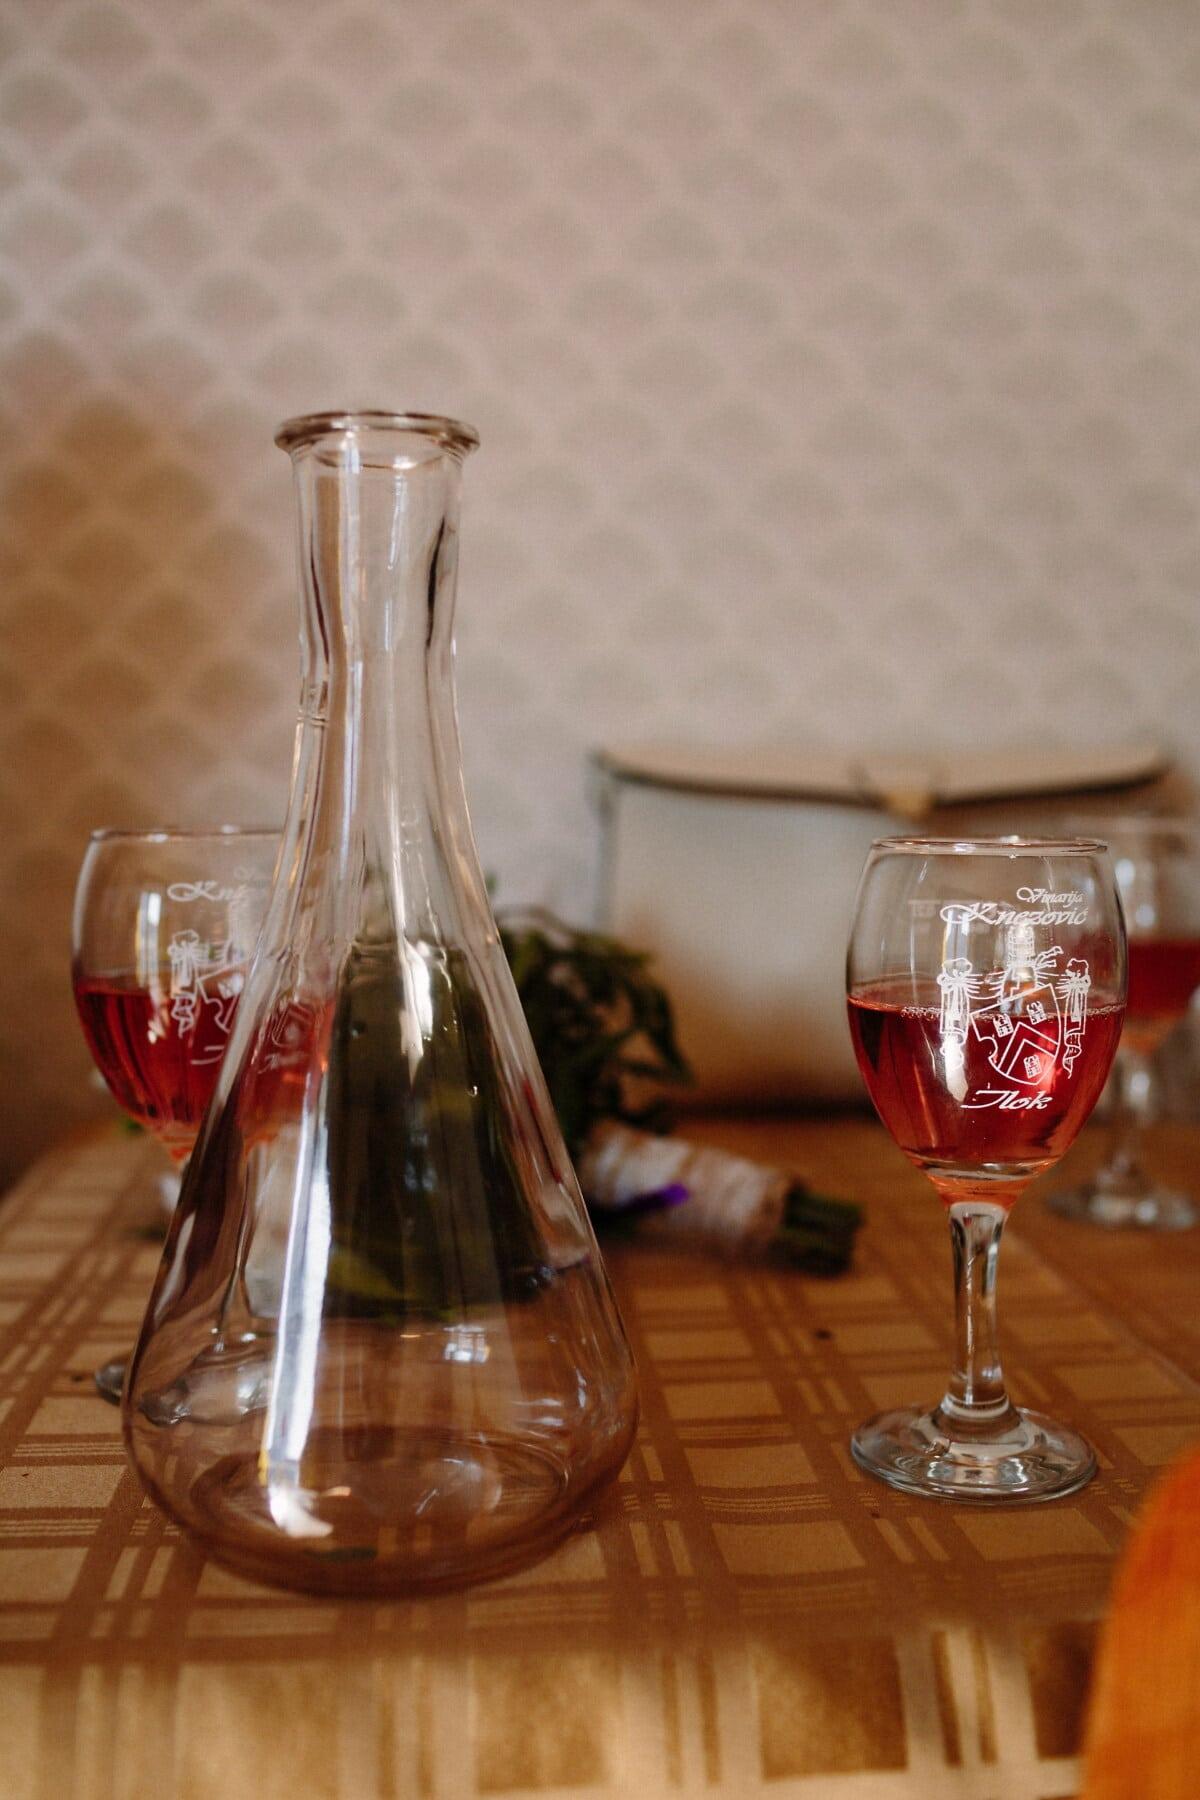 Flasche, Restaurant, traditionelle, Altmodisch, Rotwein, Wein, Alkohol, Weingut, Glas, Getränke